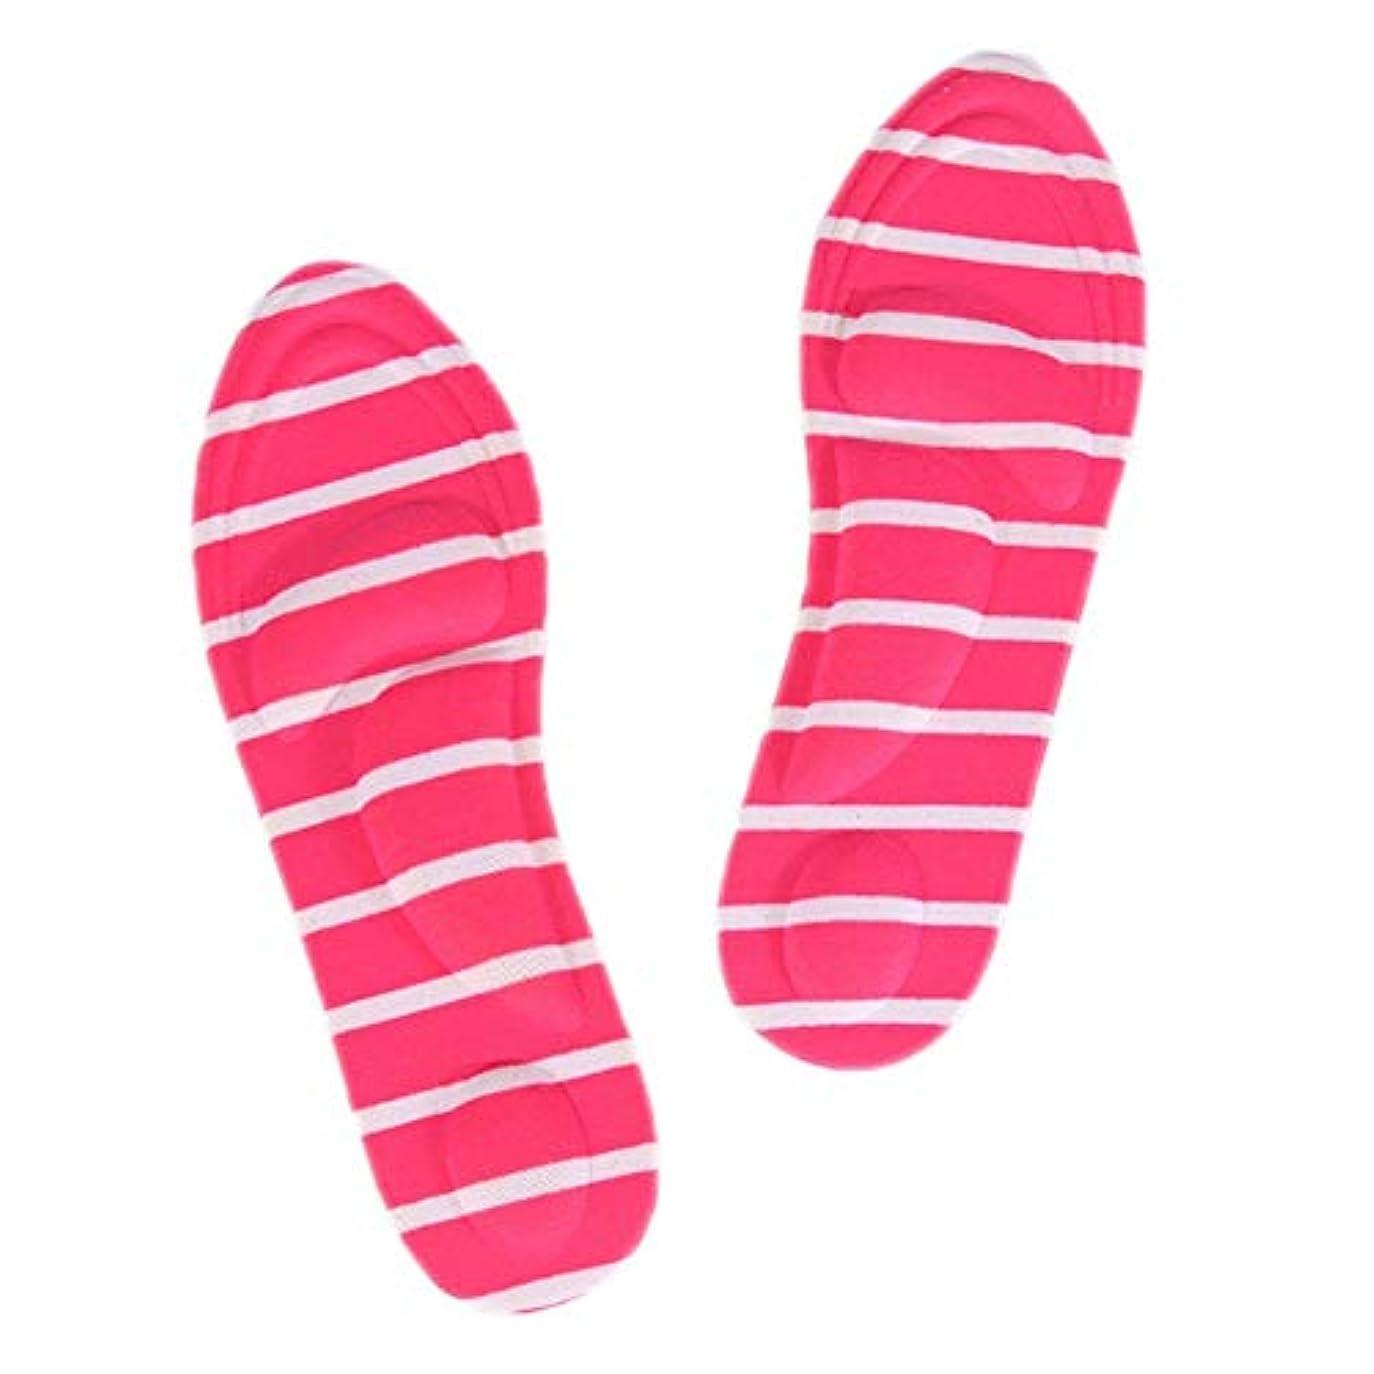 自由金銭的なスマイルBixiangji 1ペア4Dスポーツスポンジソフトインソールハイヒールシューパッド痛み緩和アーチサポートクッション (Color : Rose red stripes)